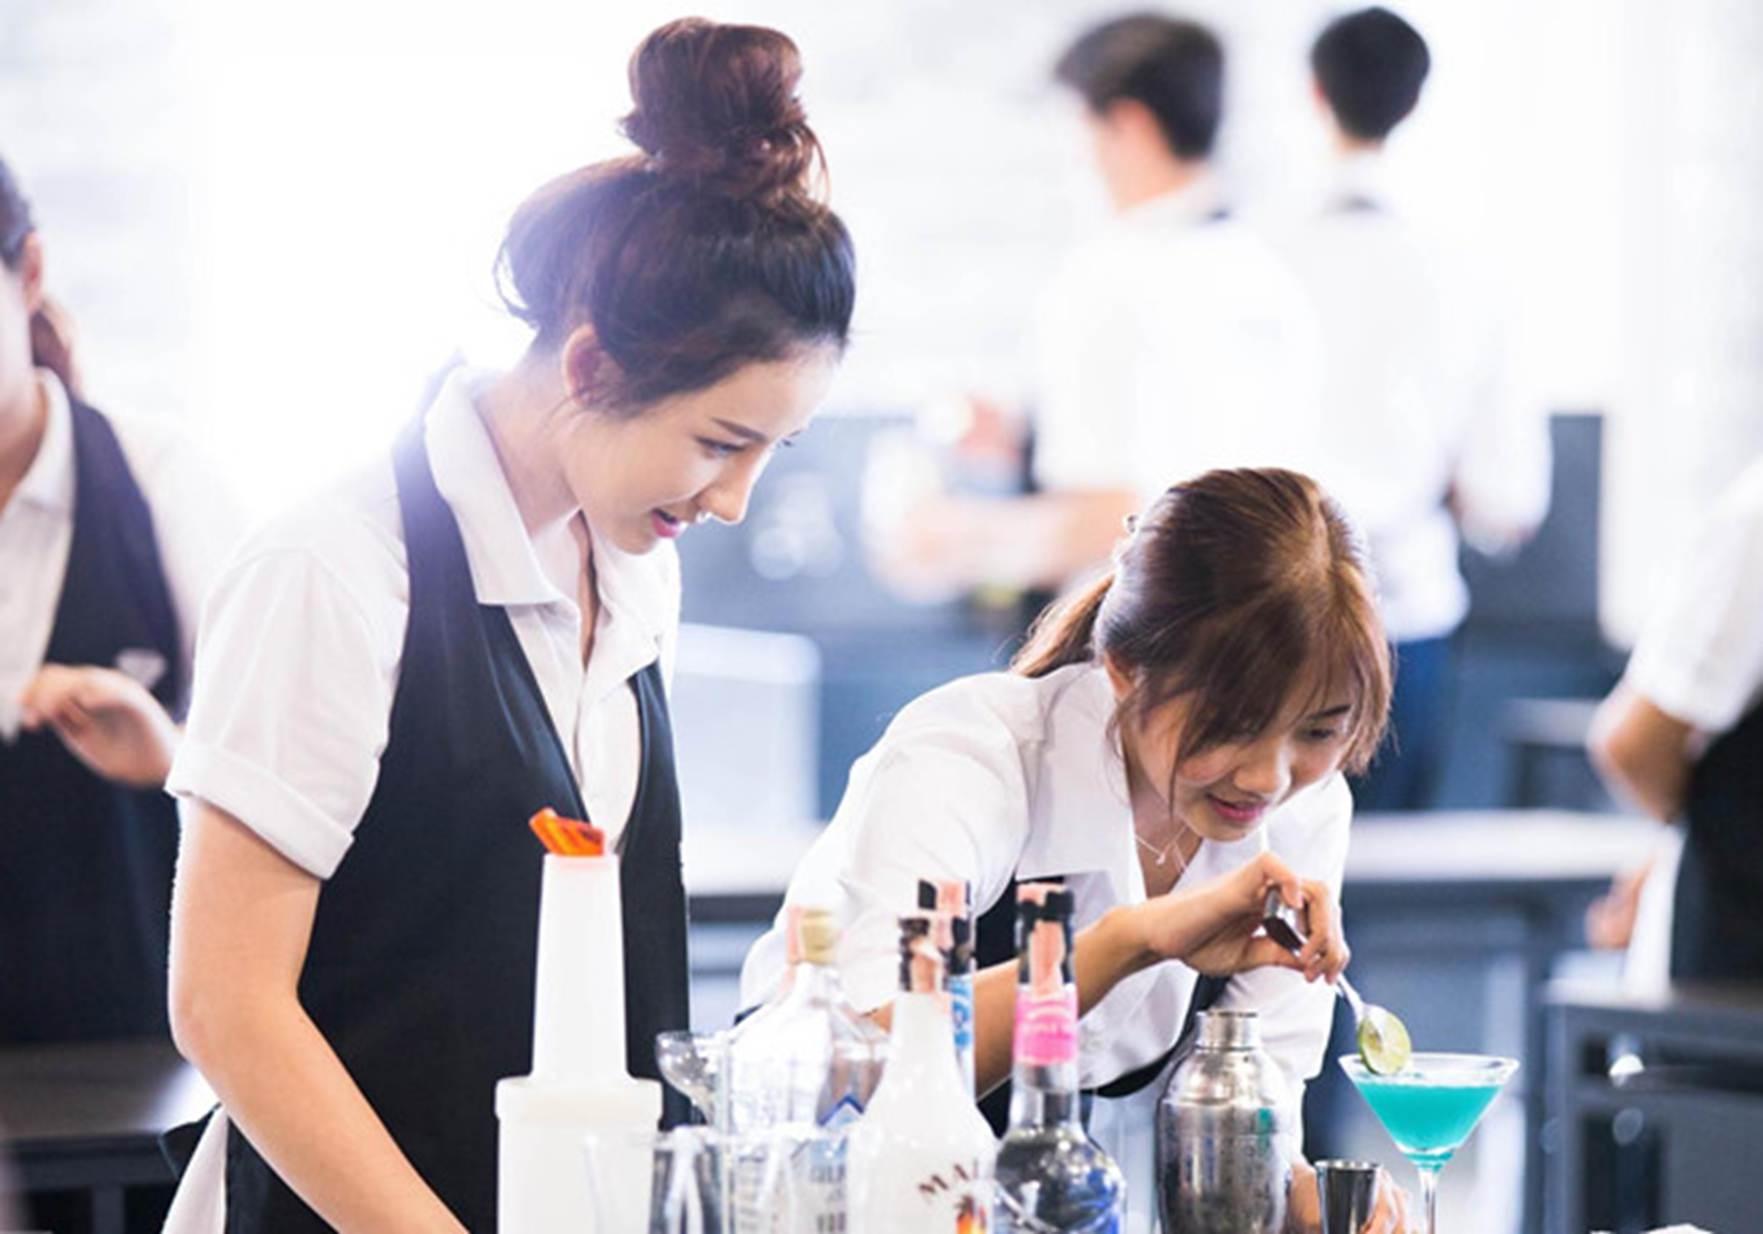 Đại học ở Thái Lan có đồng phục đầu bếp, bartender cho sinh viên-11